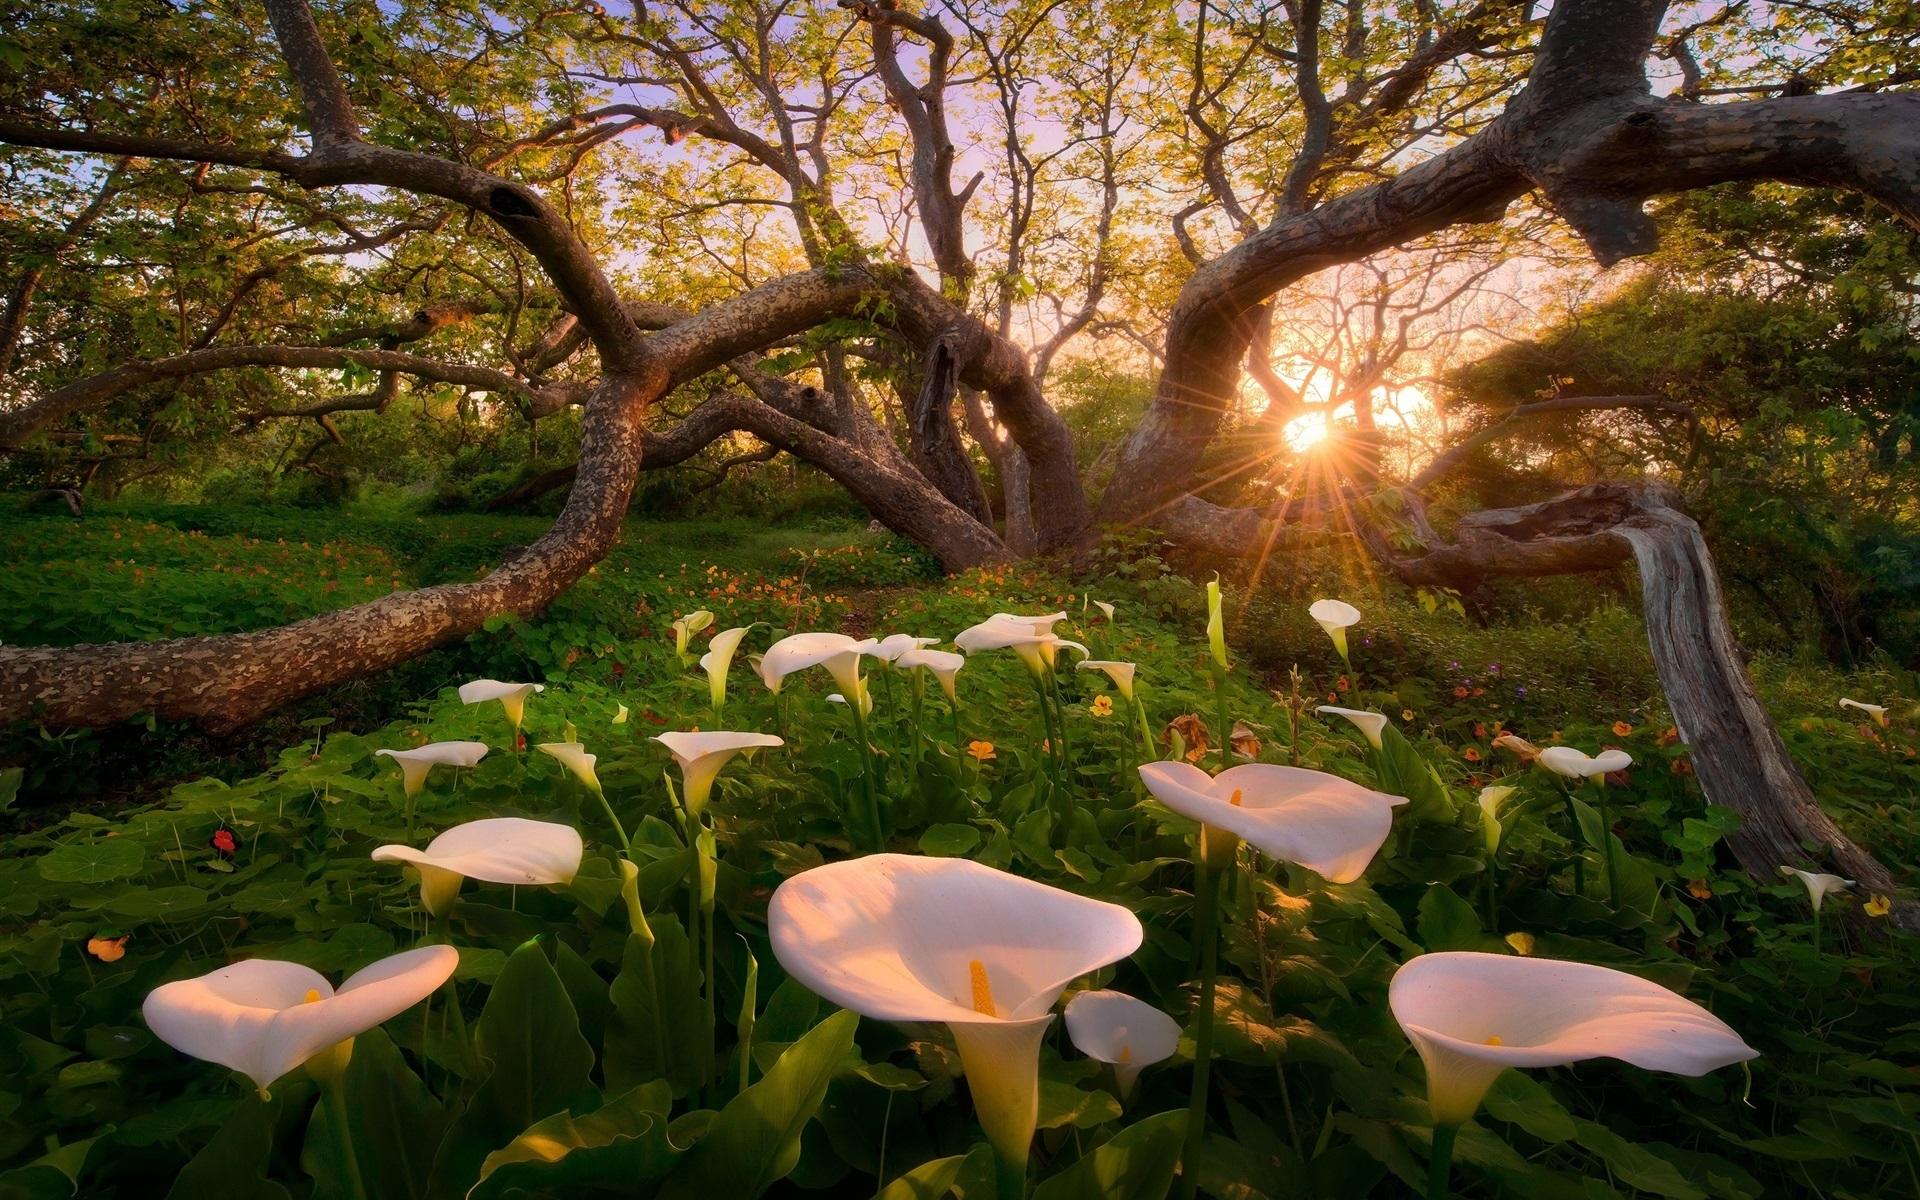 Doğa ve Çemberlerin Gücü